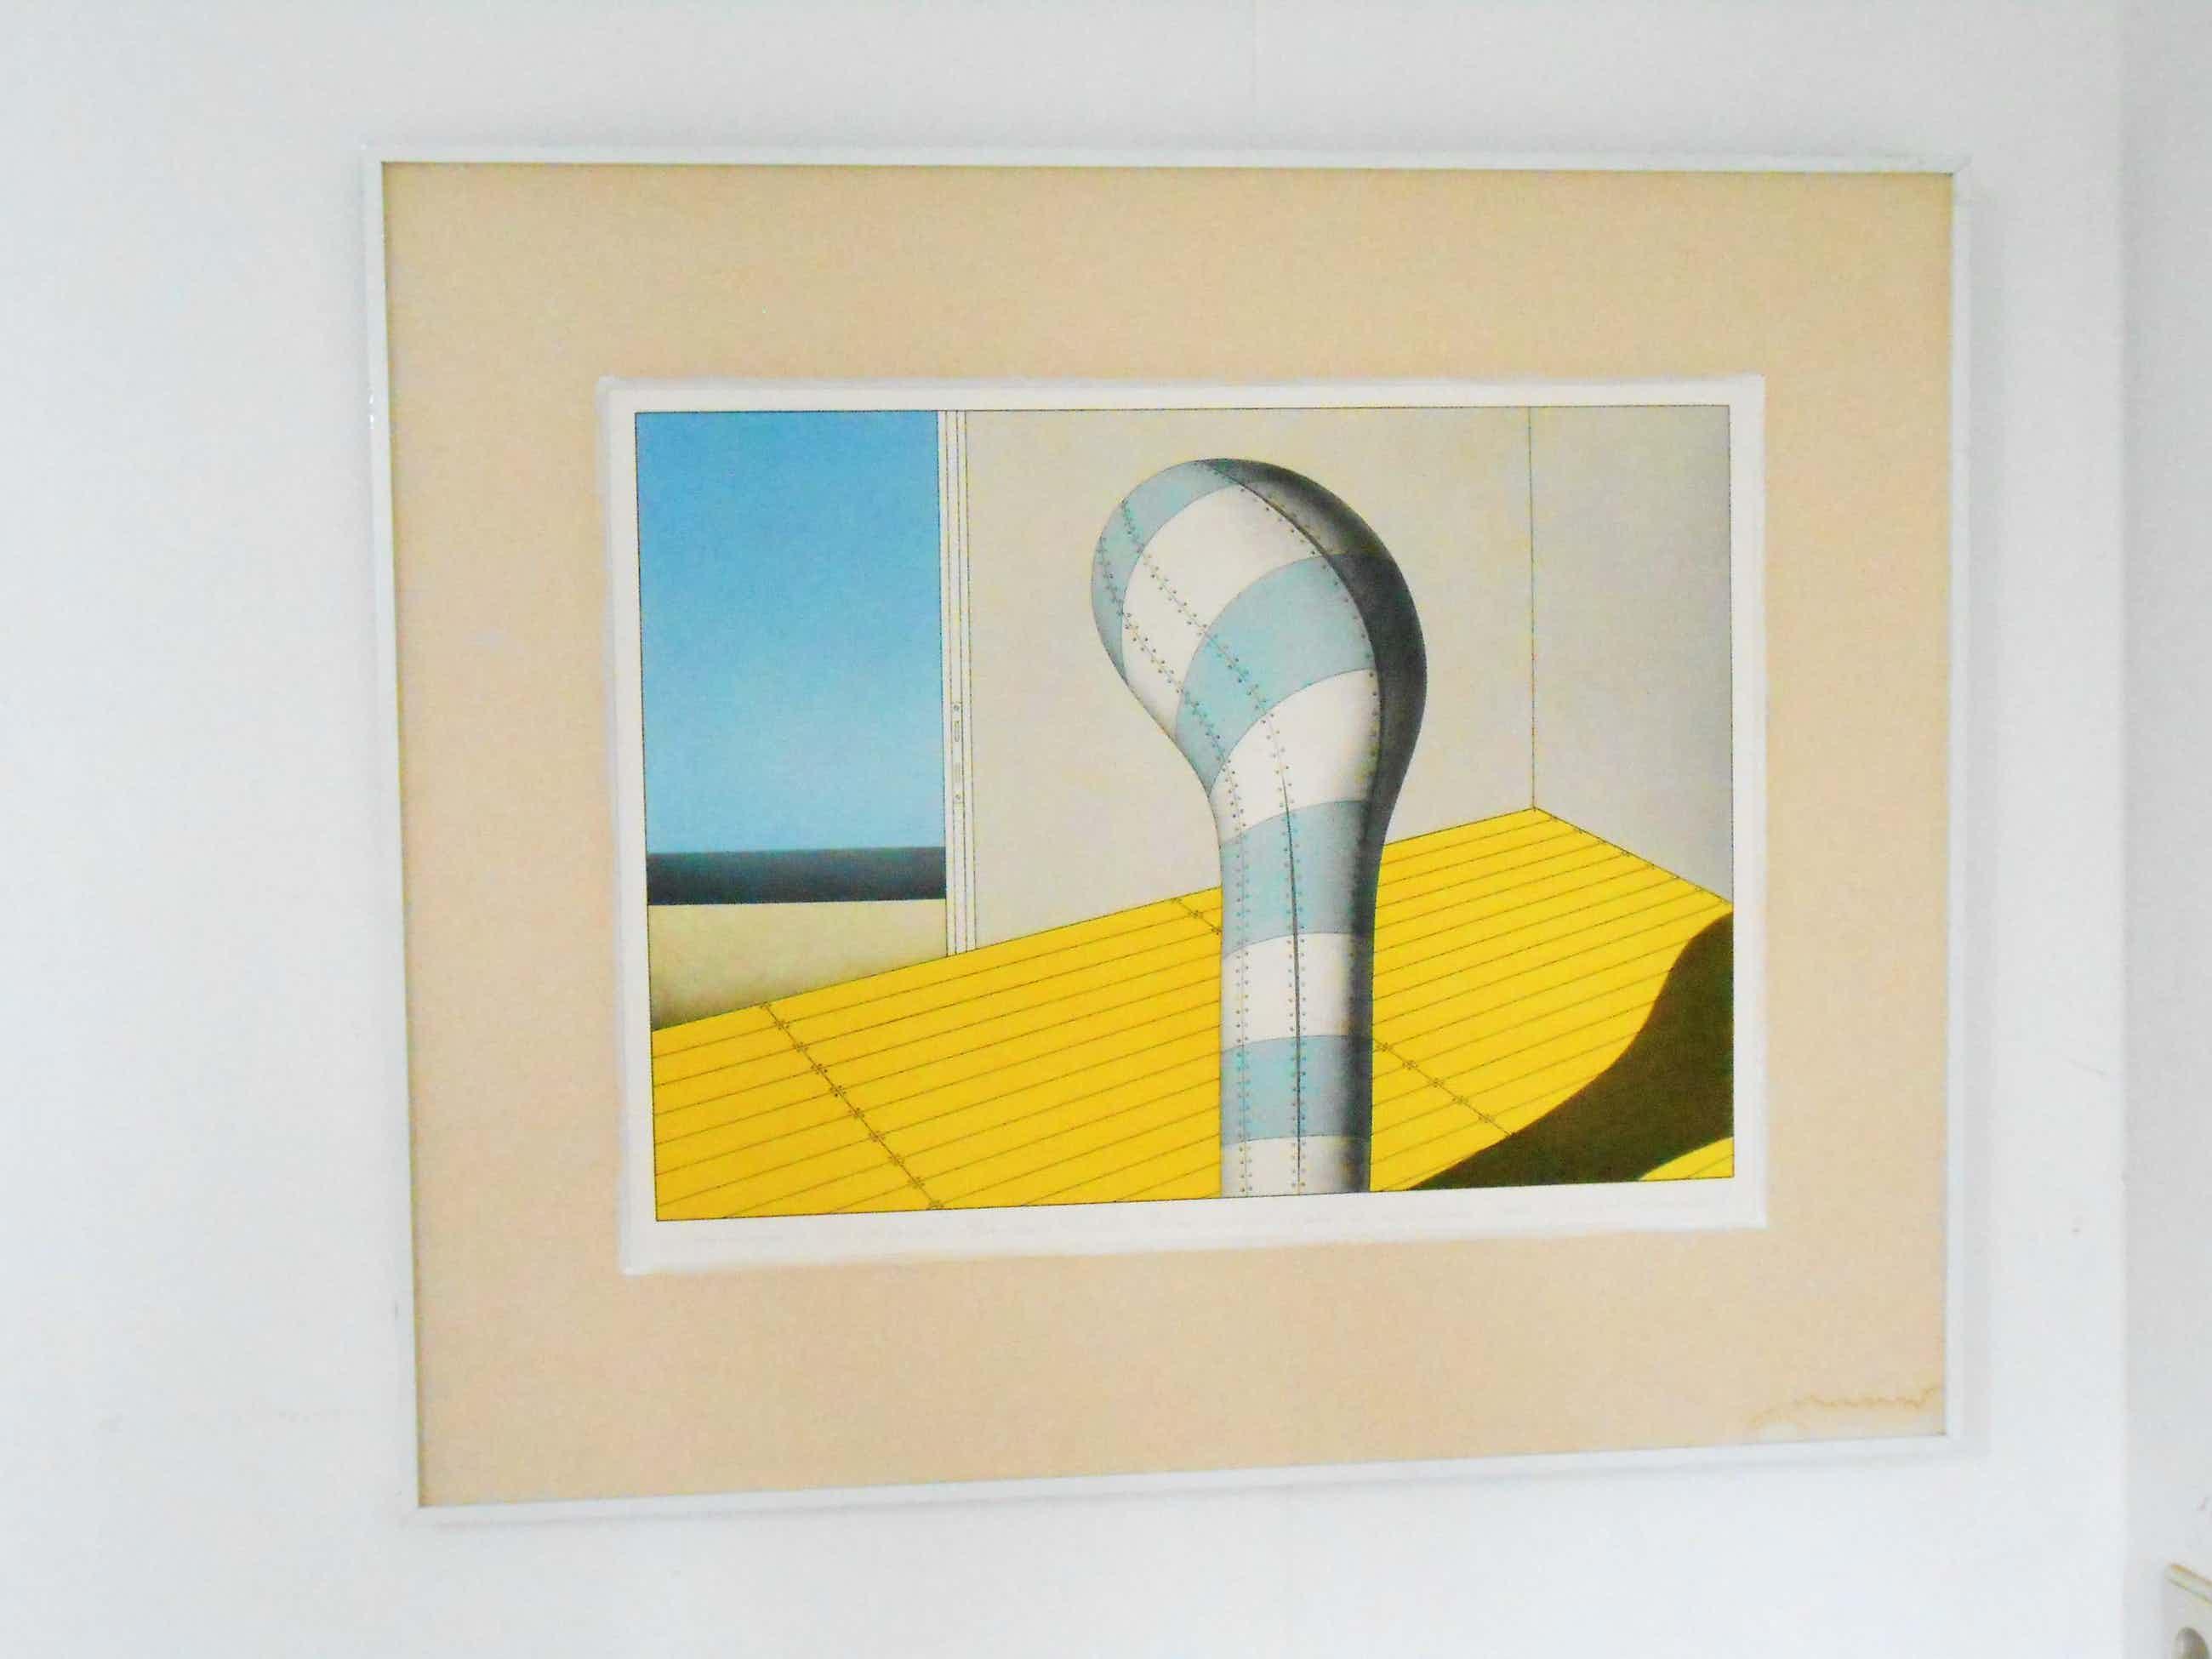 Marinus Fuit - ( Hommage a de Chirico) blauw-wit object in interieur. kopen? Bied vanaf 35!